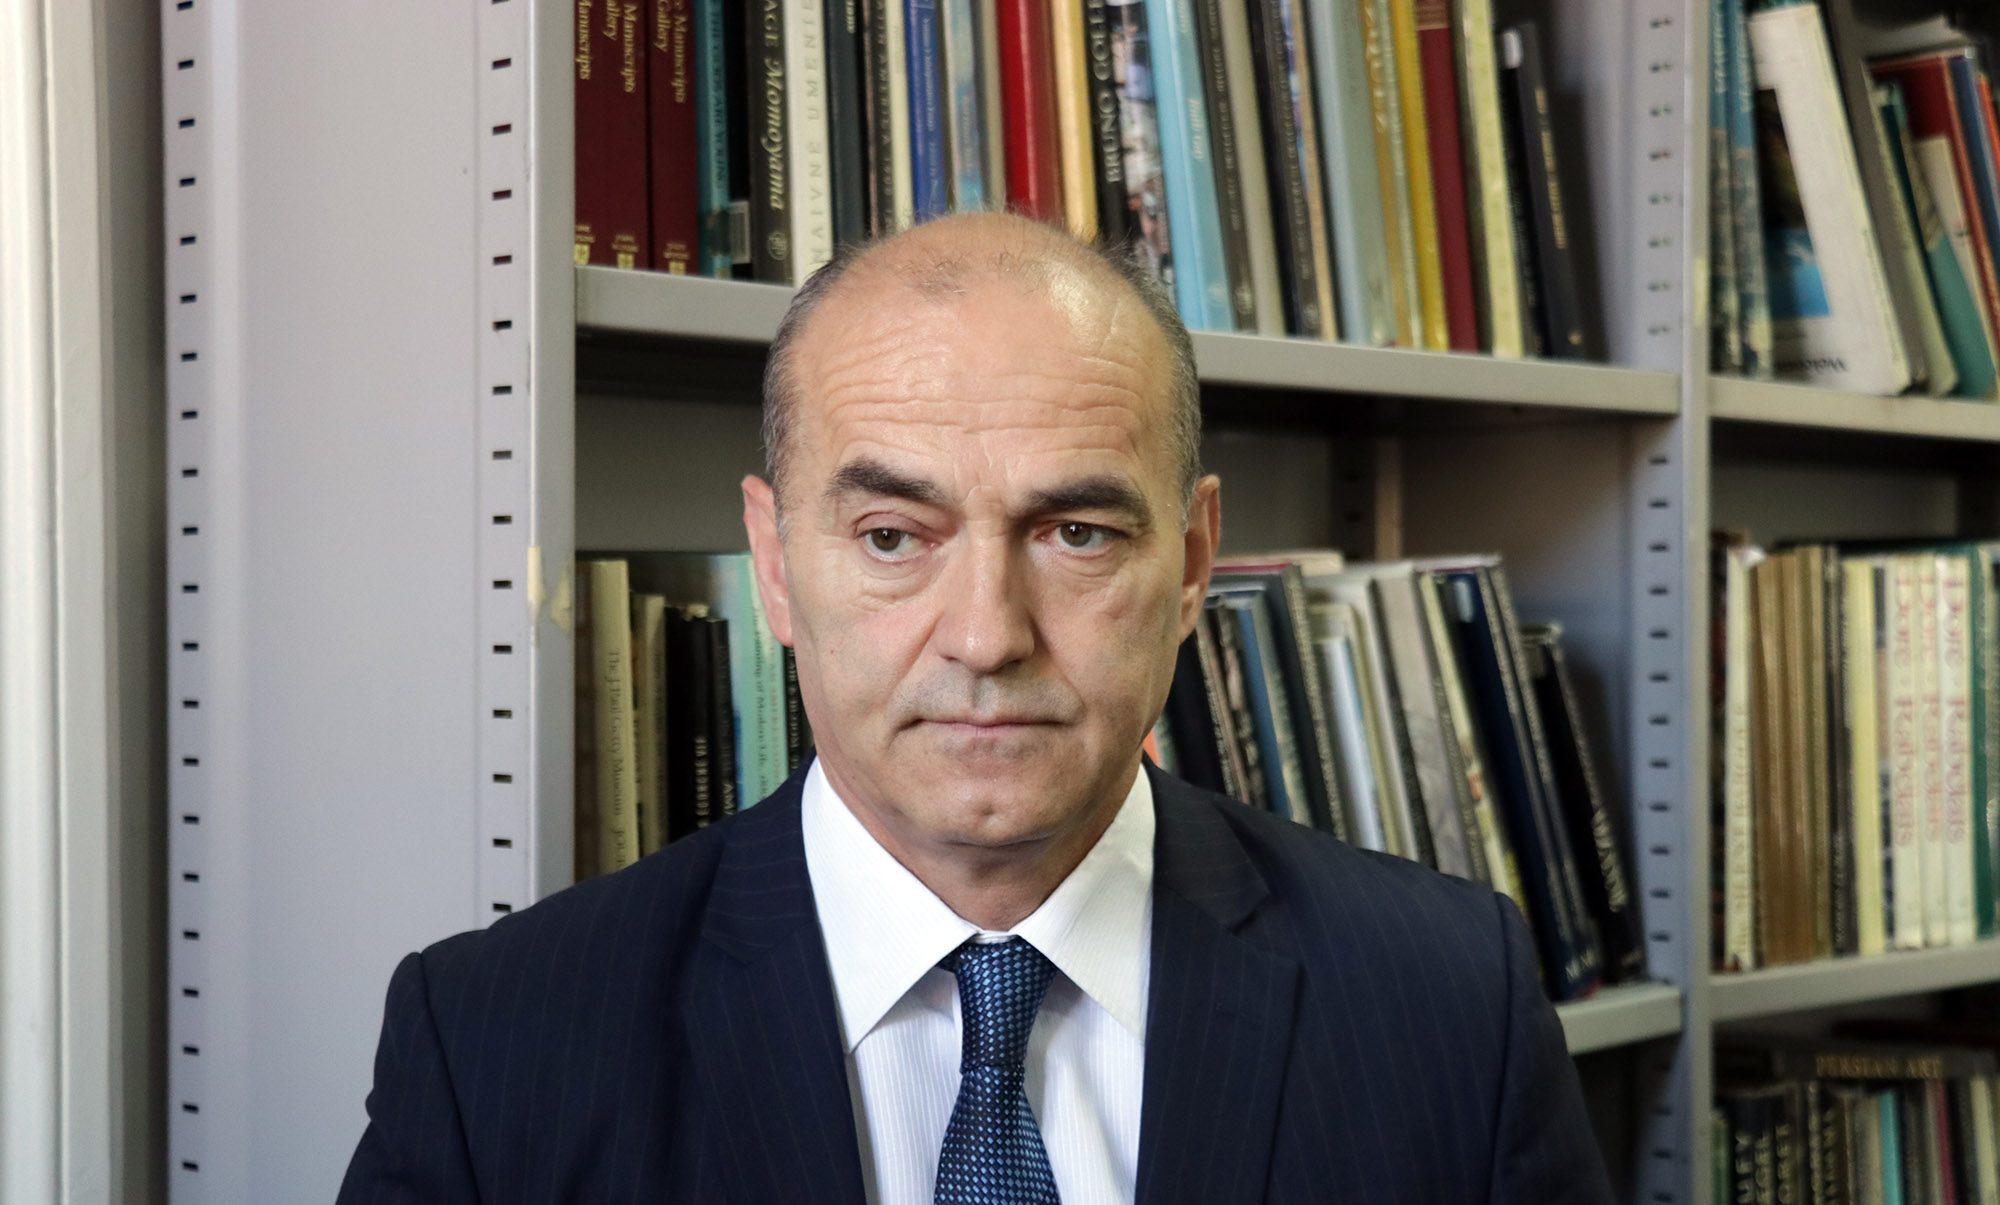 Poruka rektora prof. dr. Rifata Škrijelja uposlenicima Univerziteta u Sarajevu